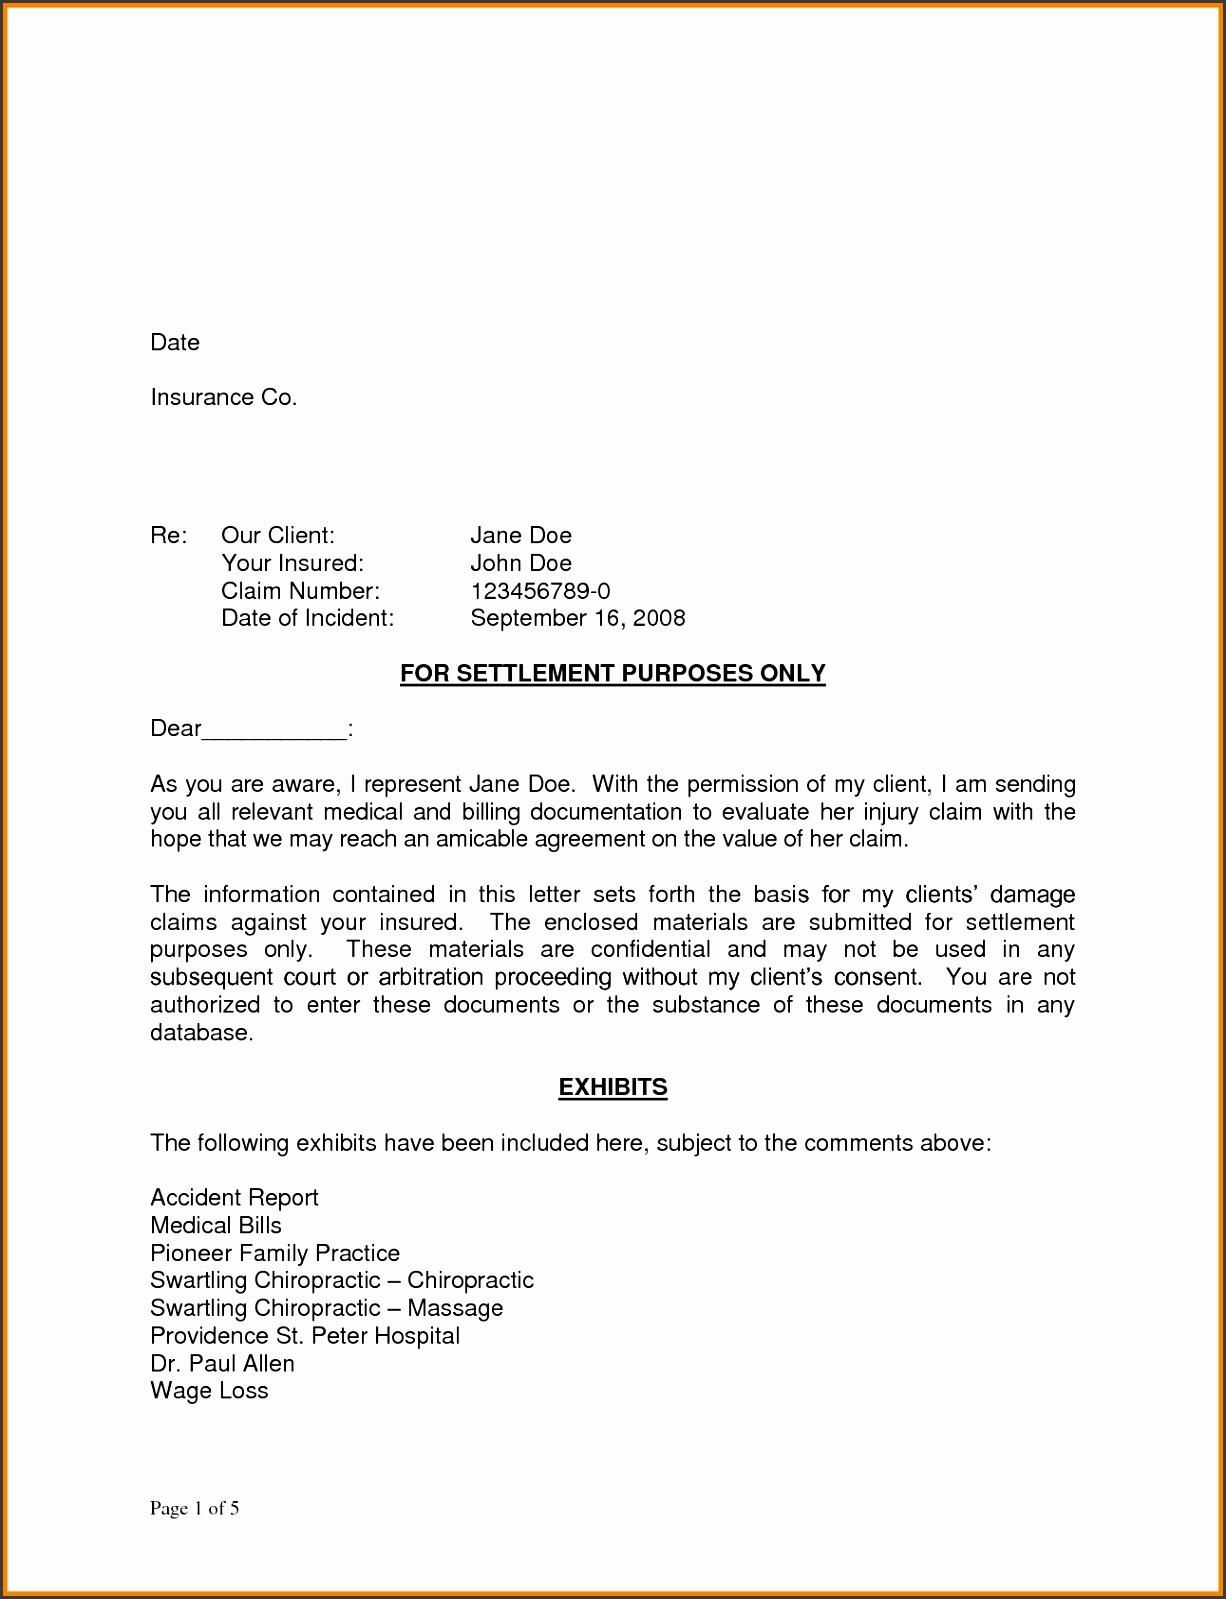 Demand final demand letter sample what is a demand letter settlement deman for Attorney demand letters Attorney demand letter sample